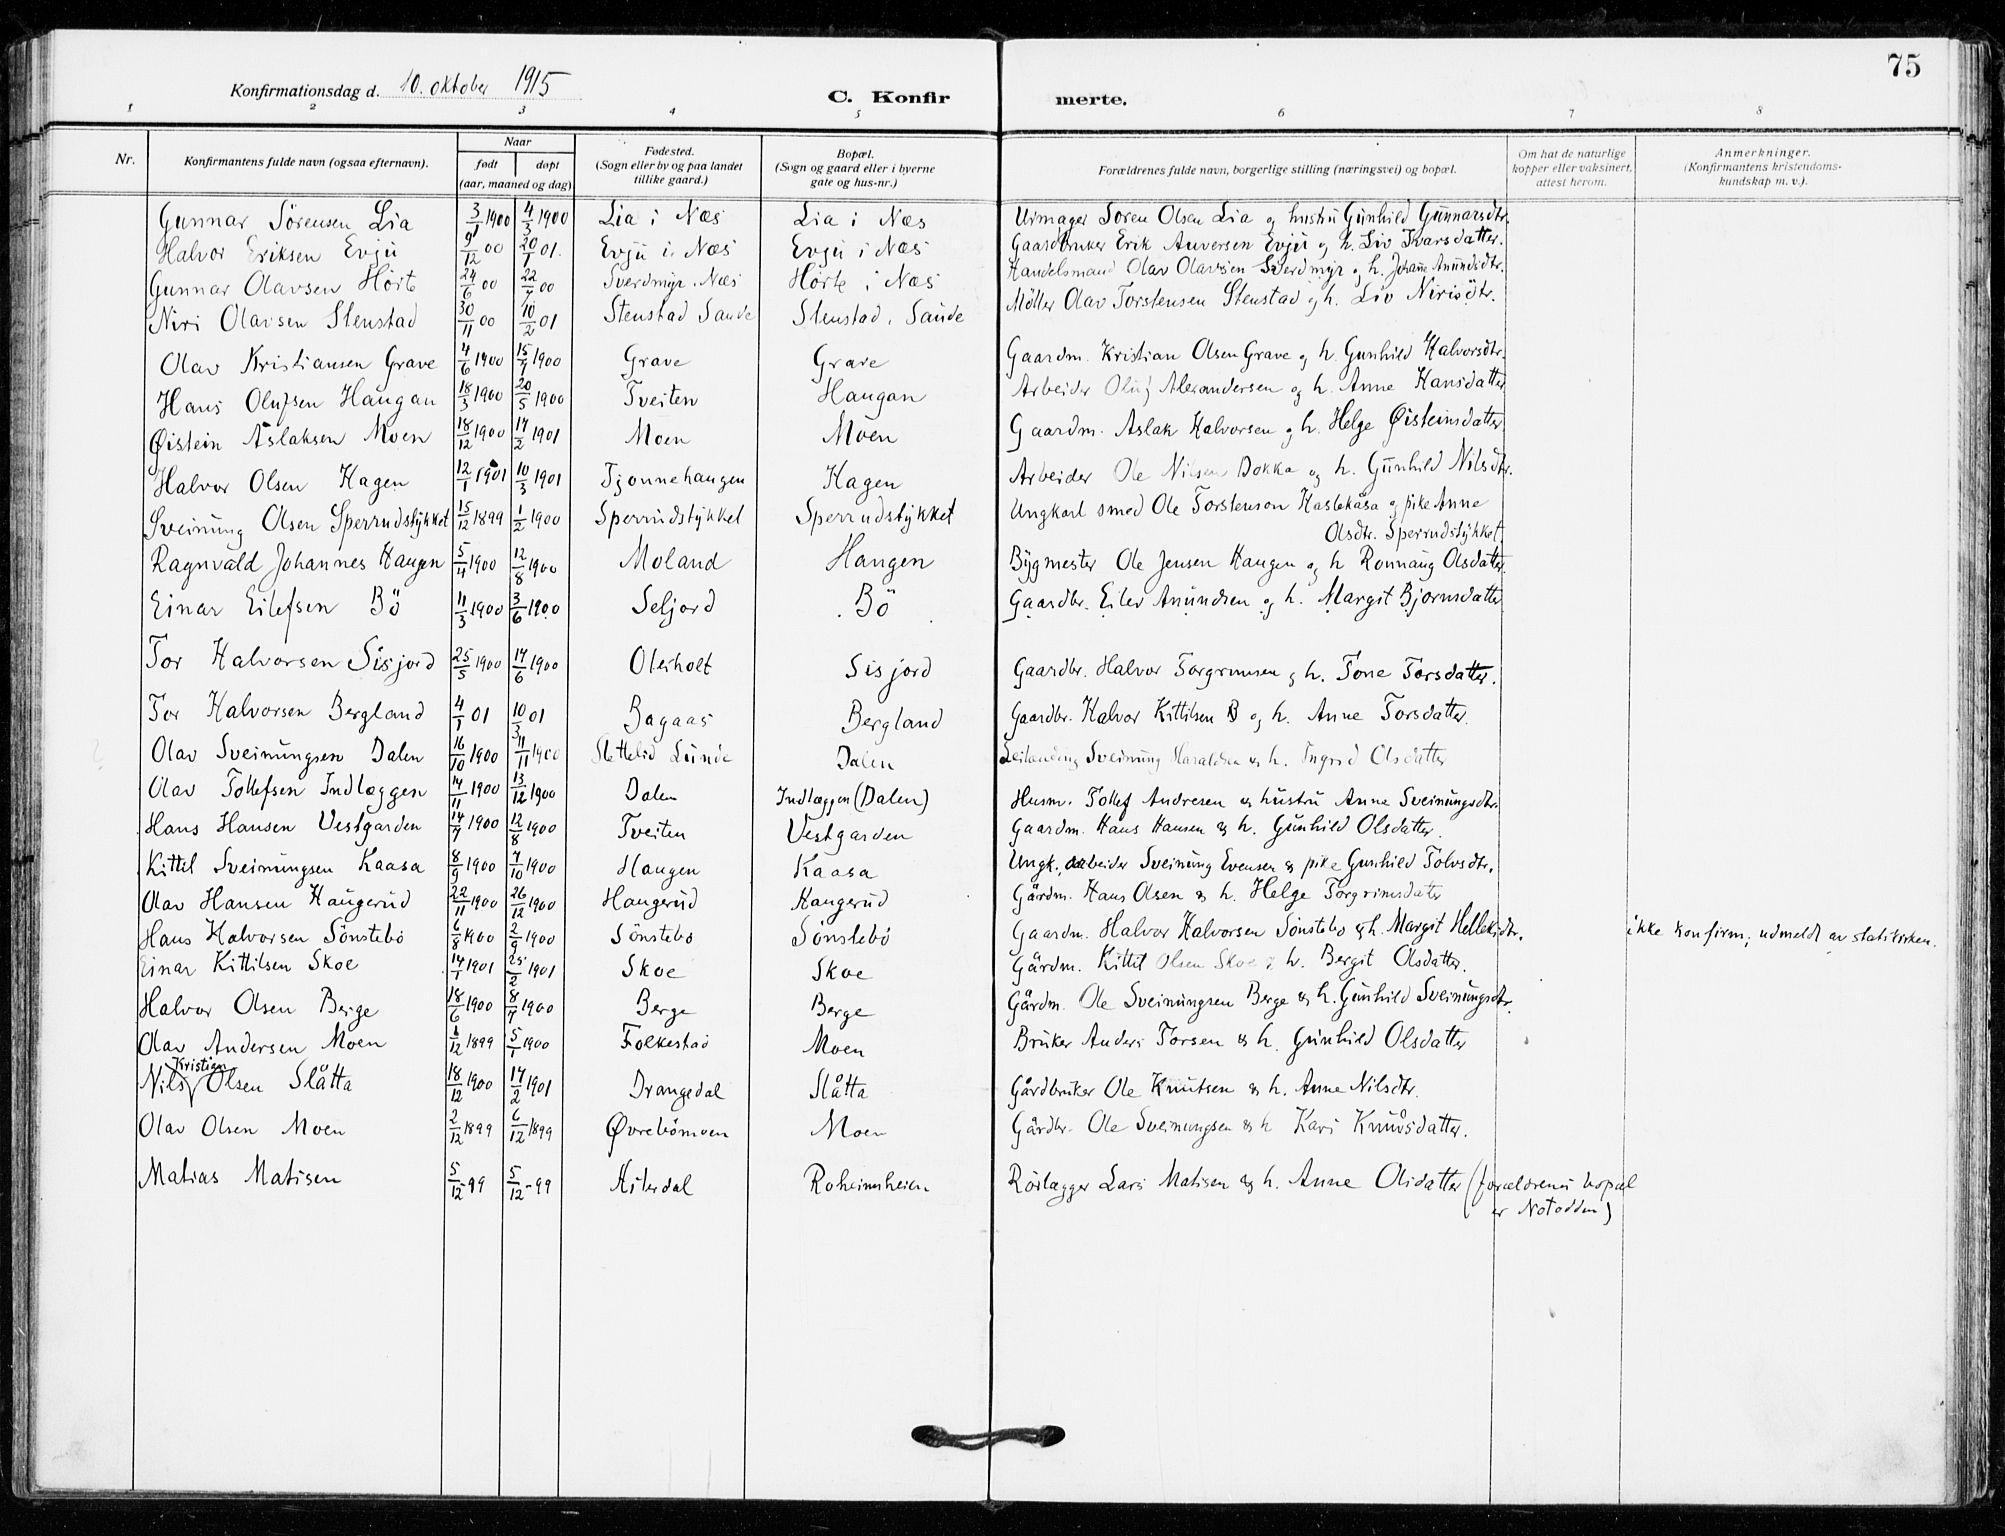 SAKO, Bø kirkebøker, F/Fa/L0013: Ministerialbok nr. 13, 1909-1921, s. 75